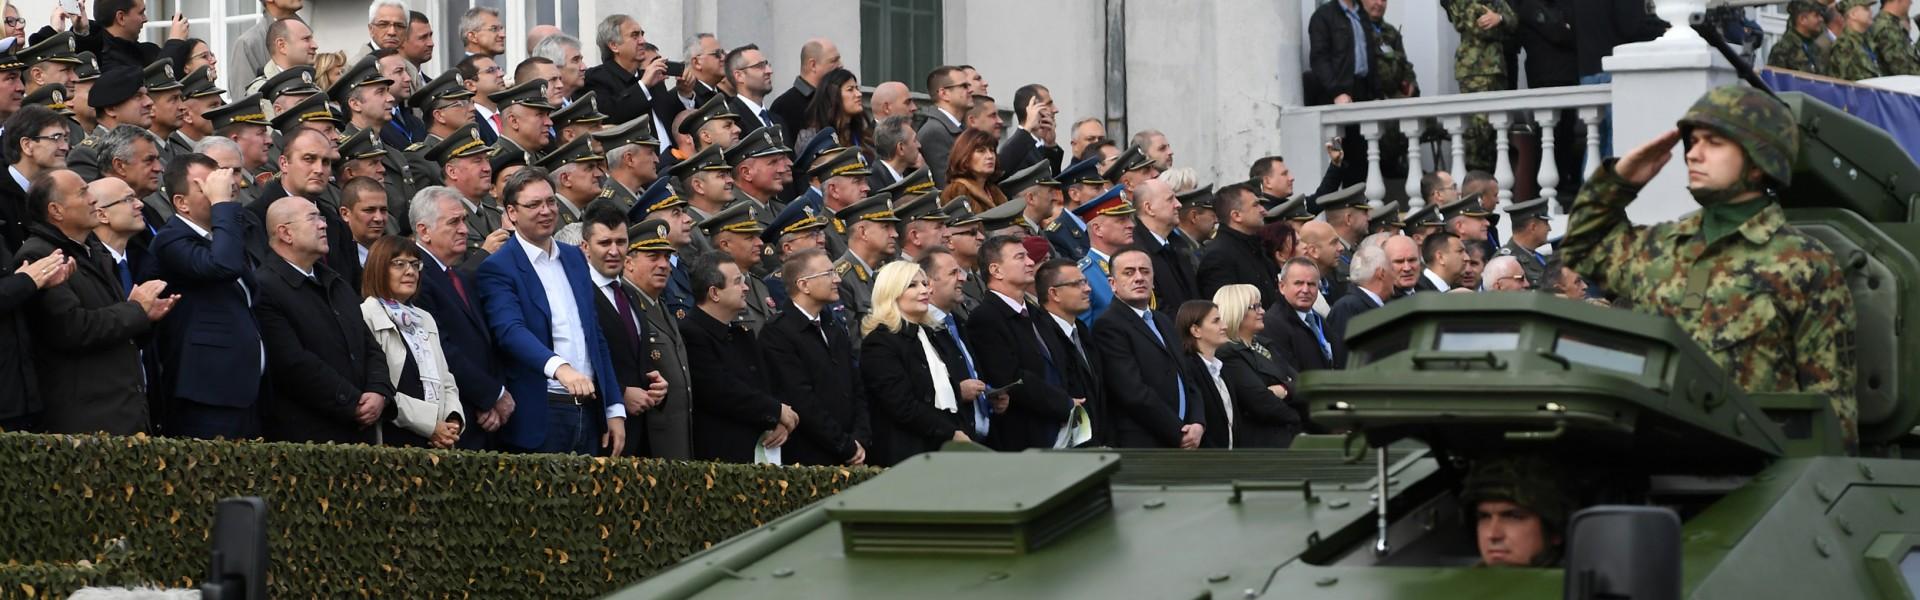 Војска Србије на свечаности у Новом Саду